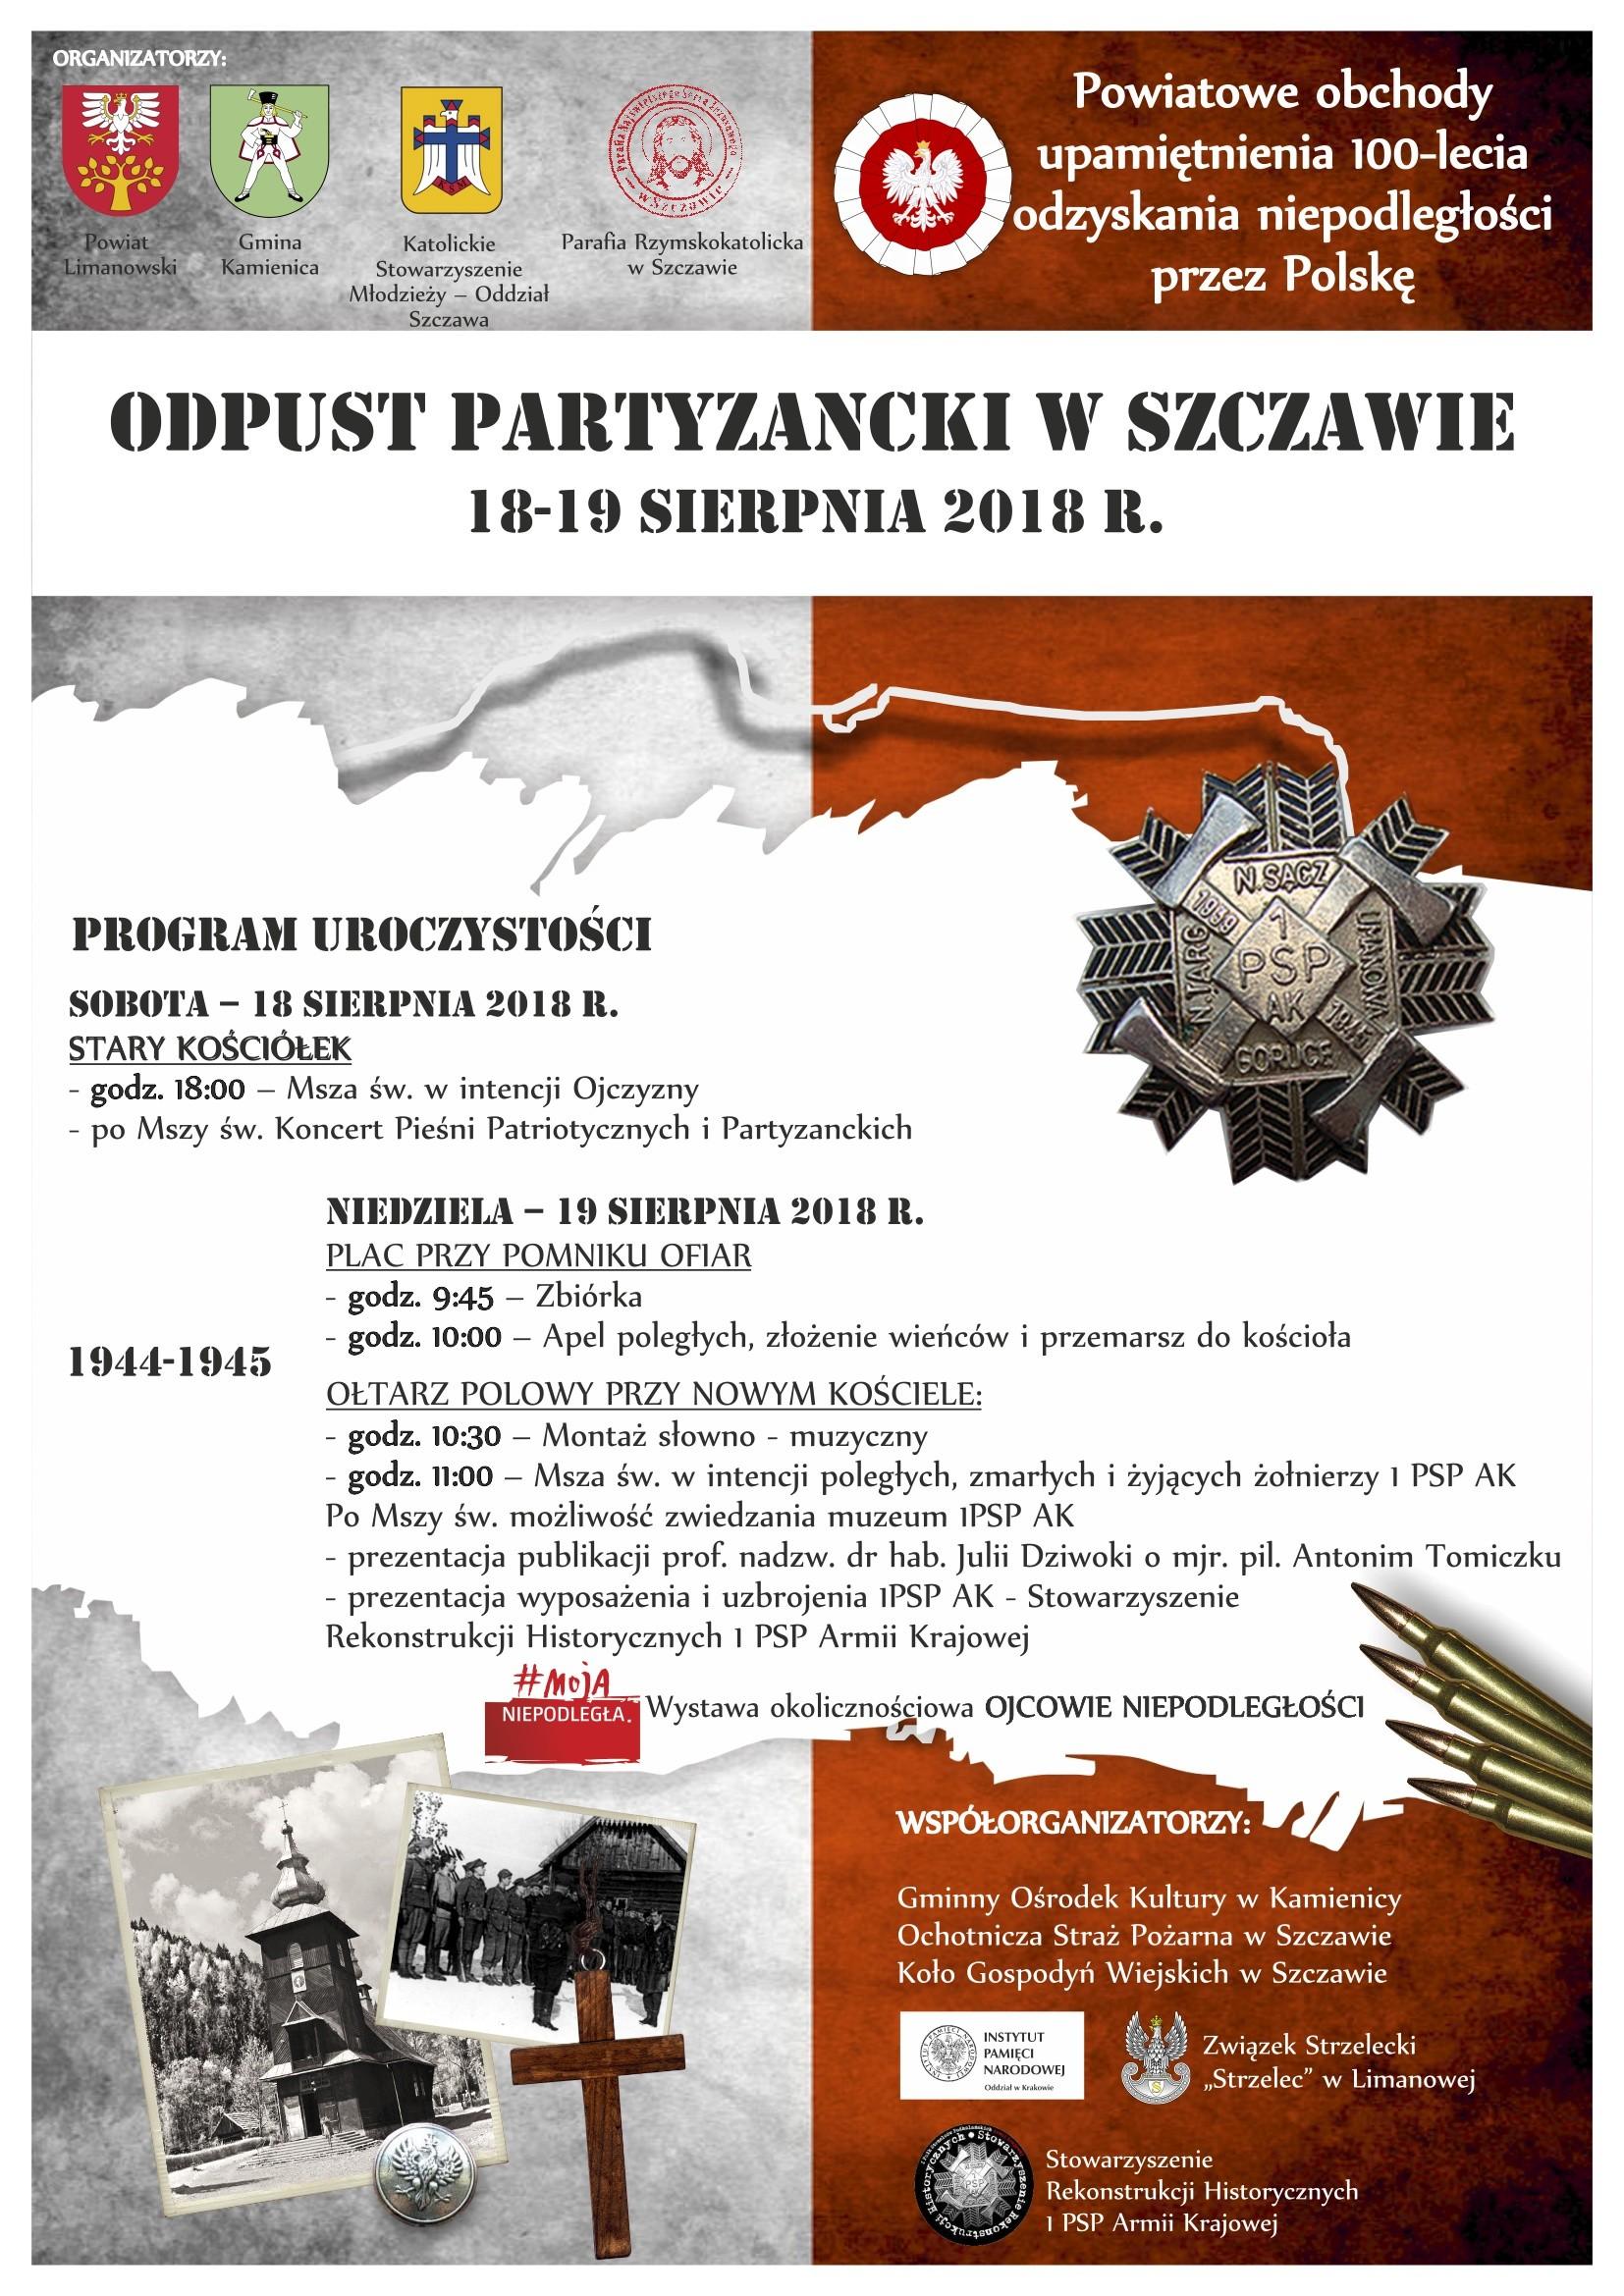 Plakat Odpustu Partyzanckiego w Szczawie